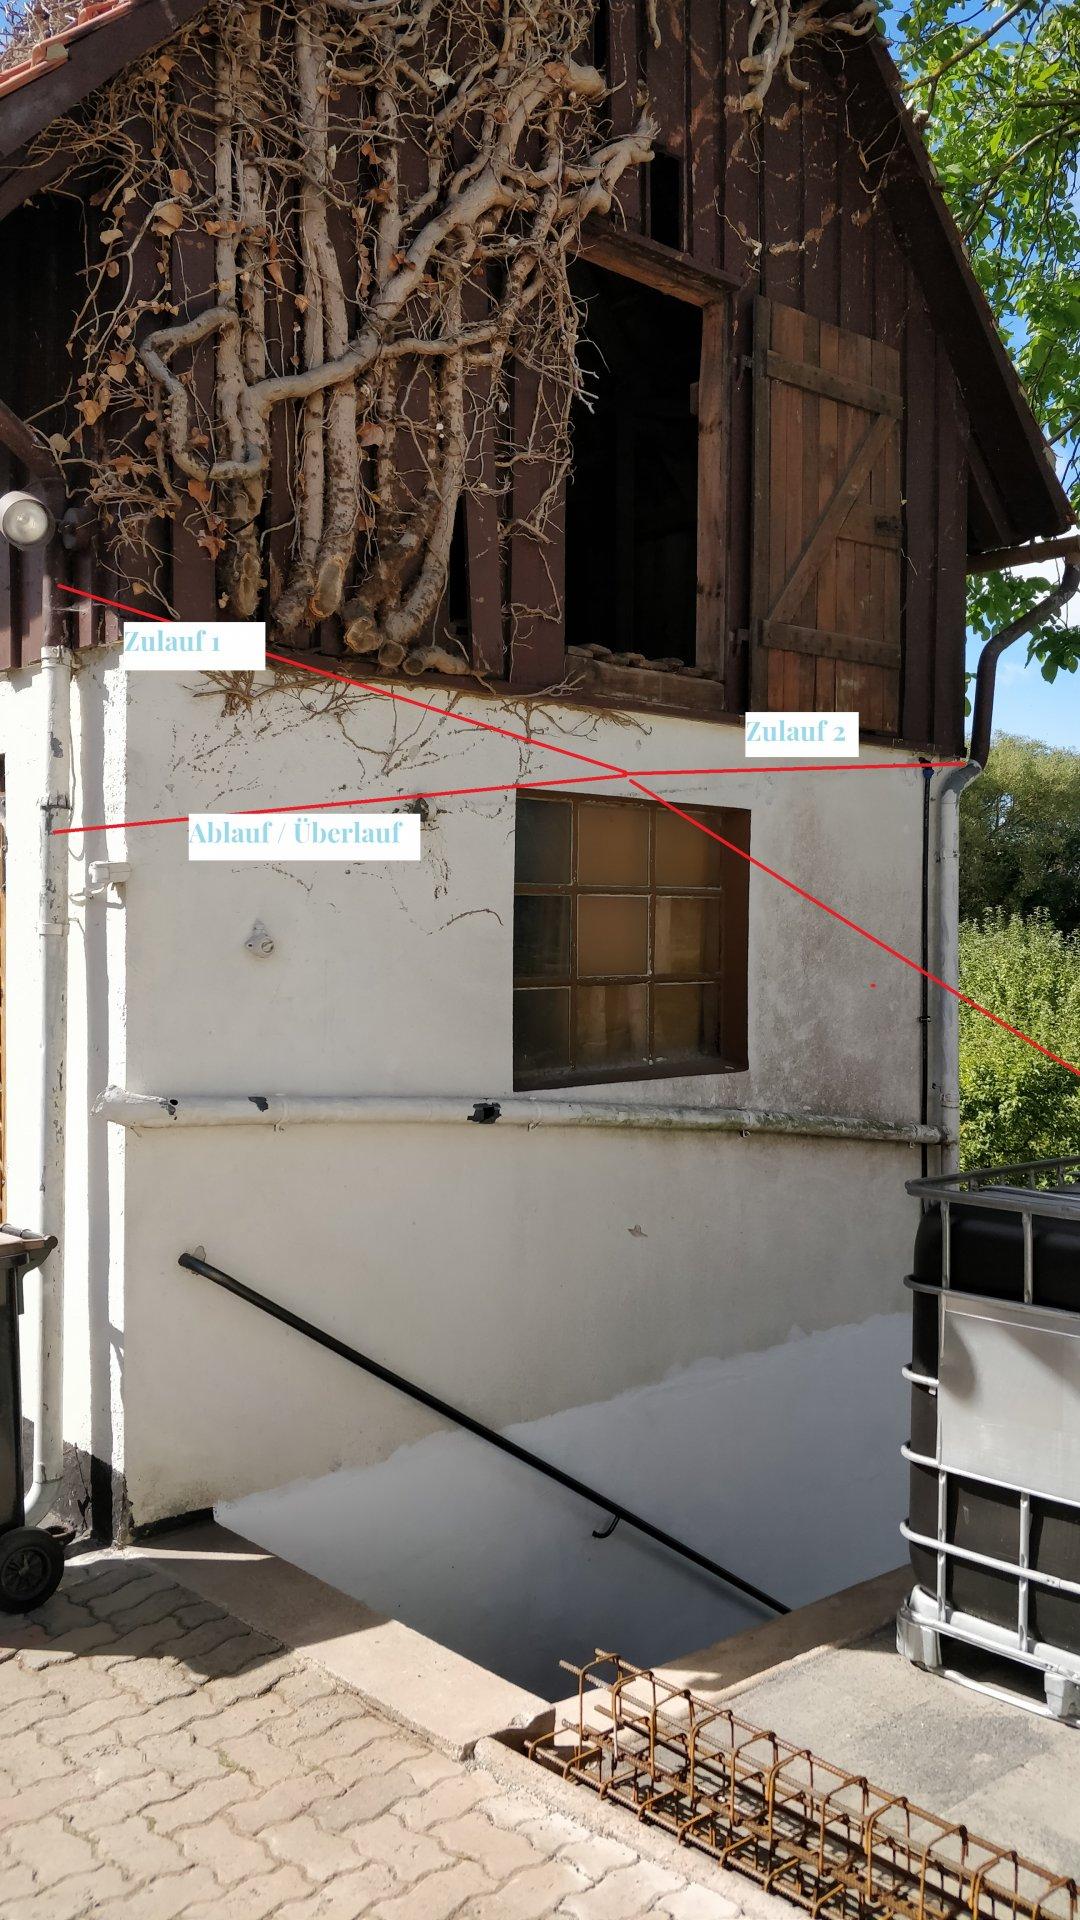 Häufig Regenwasser auffangen - Rohrplanung TO93